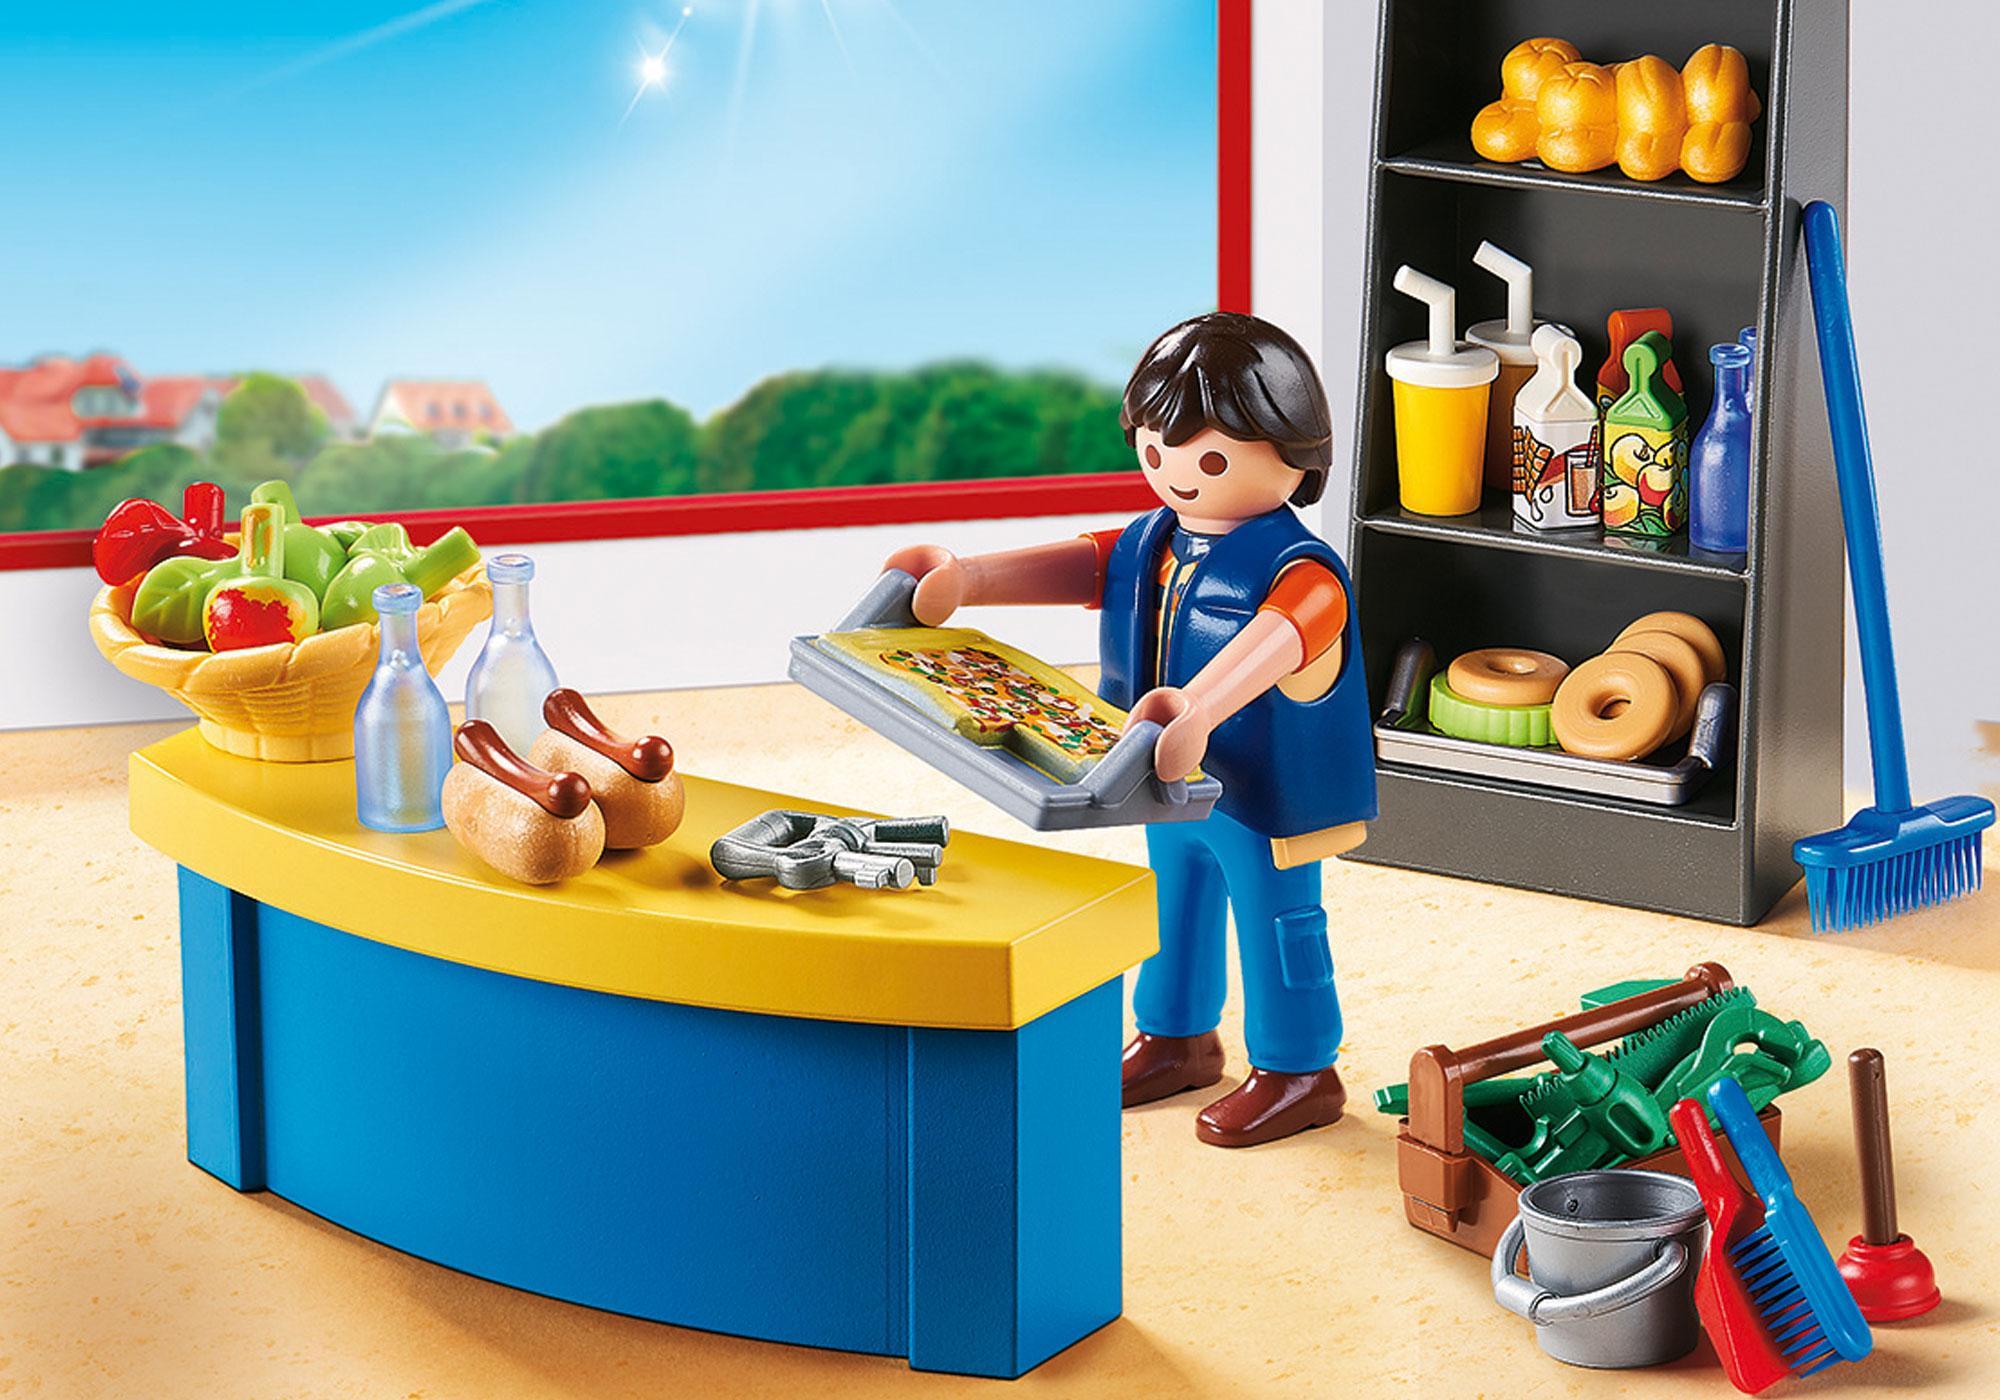 http://media.playmobil.com/i/playmobil/9457_product_detail/Pedel med kiosk